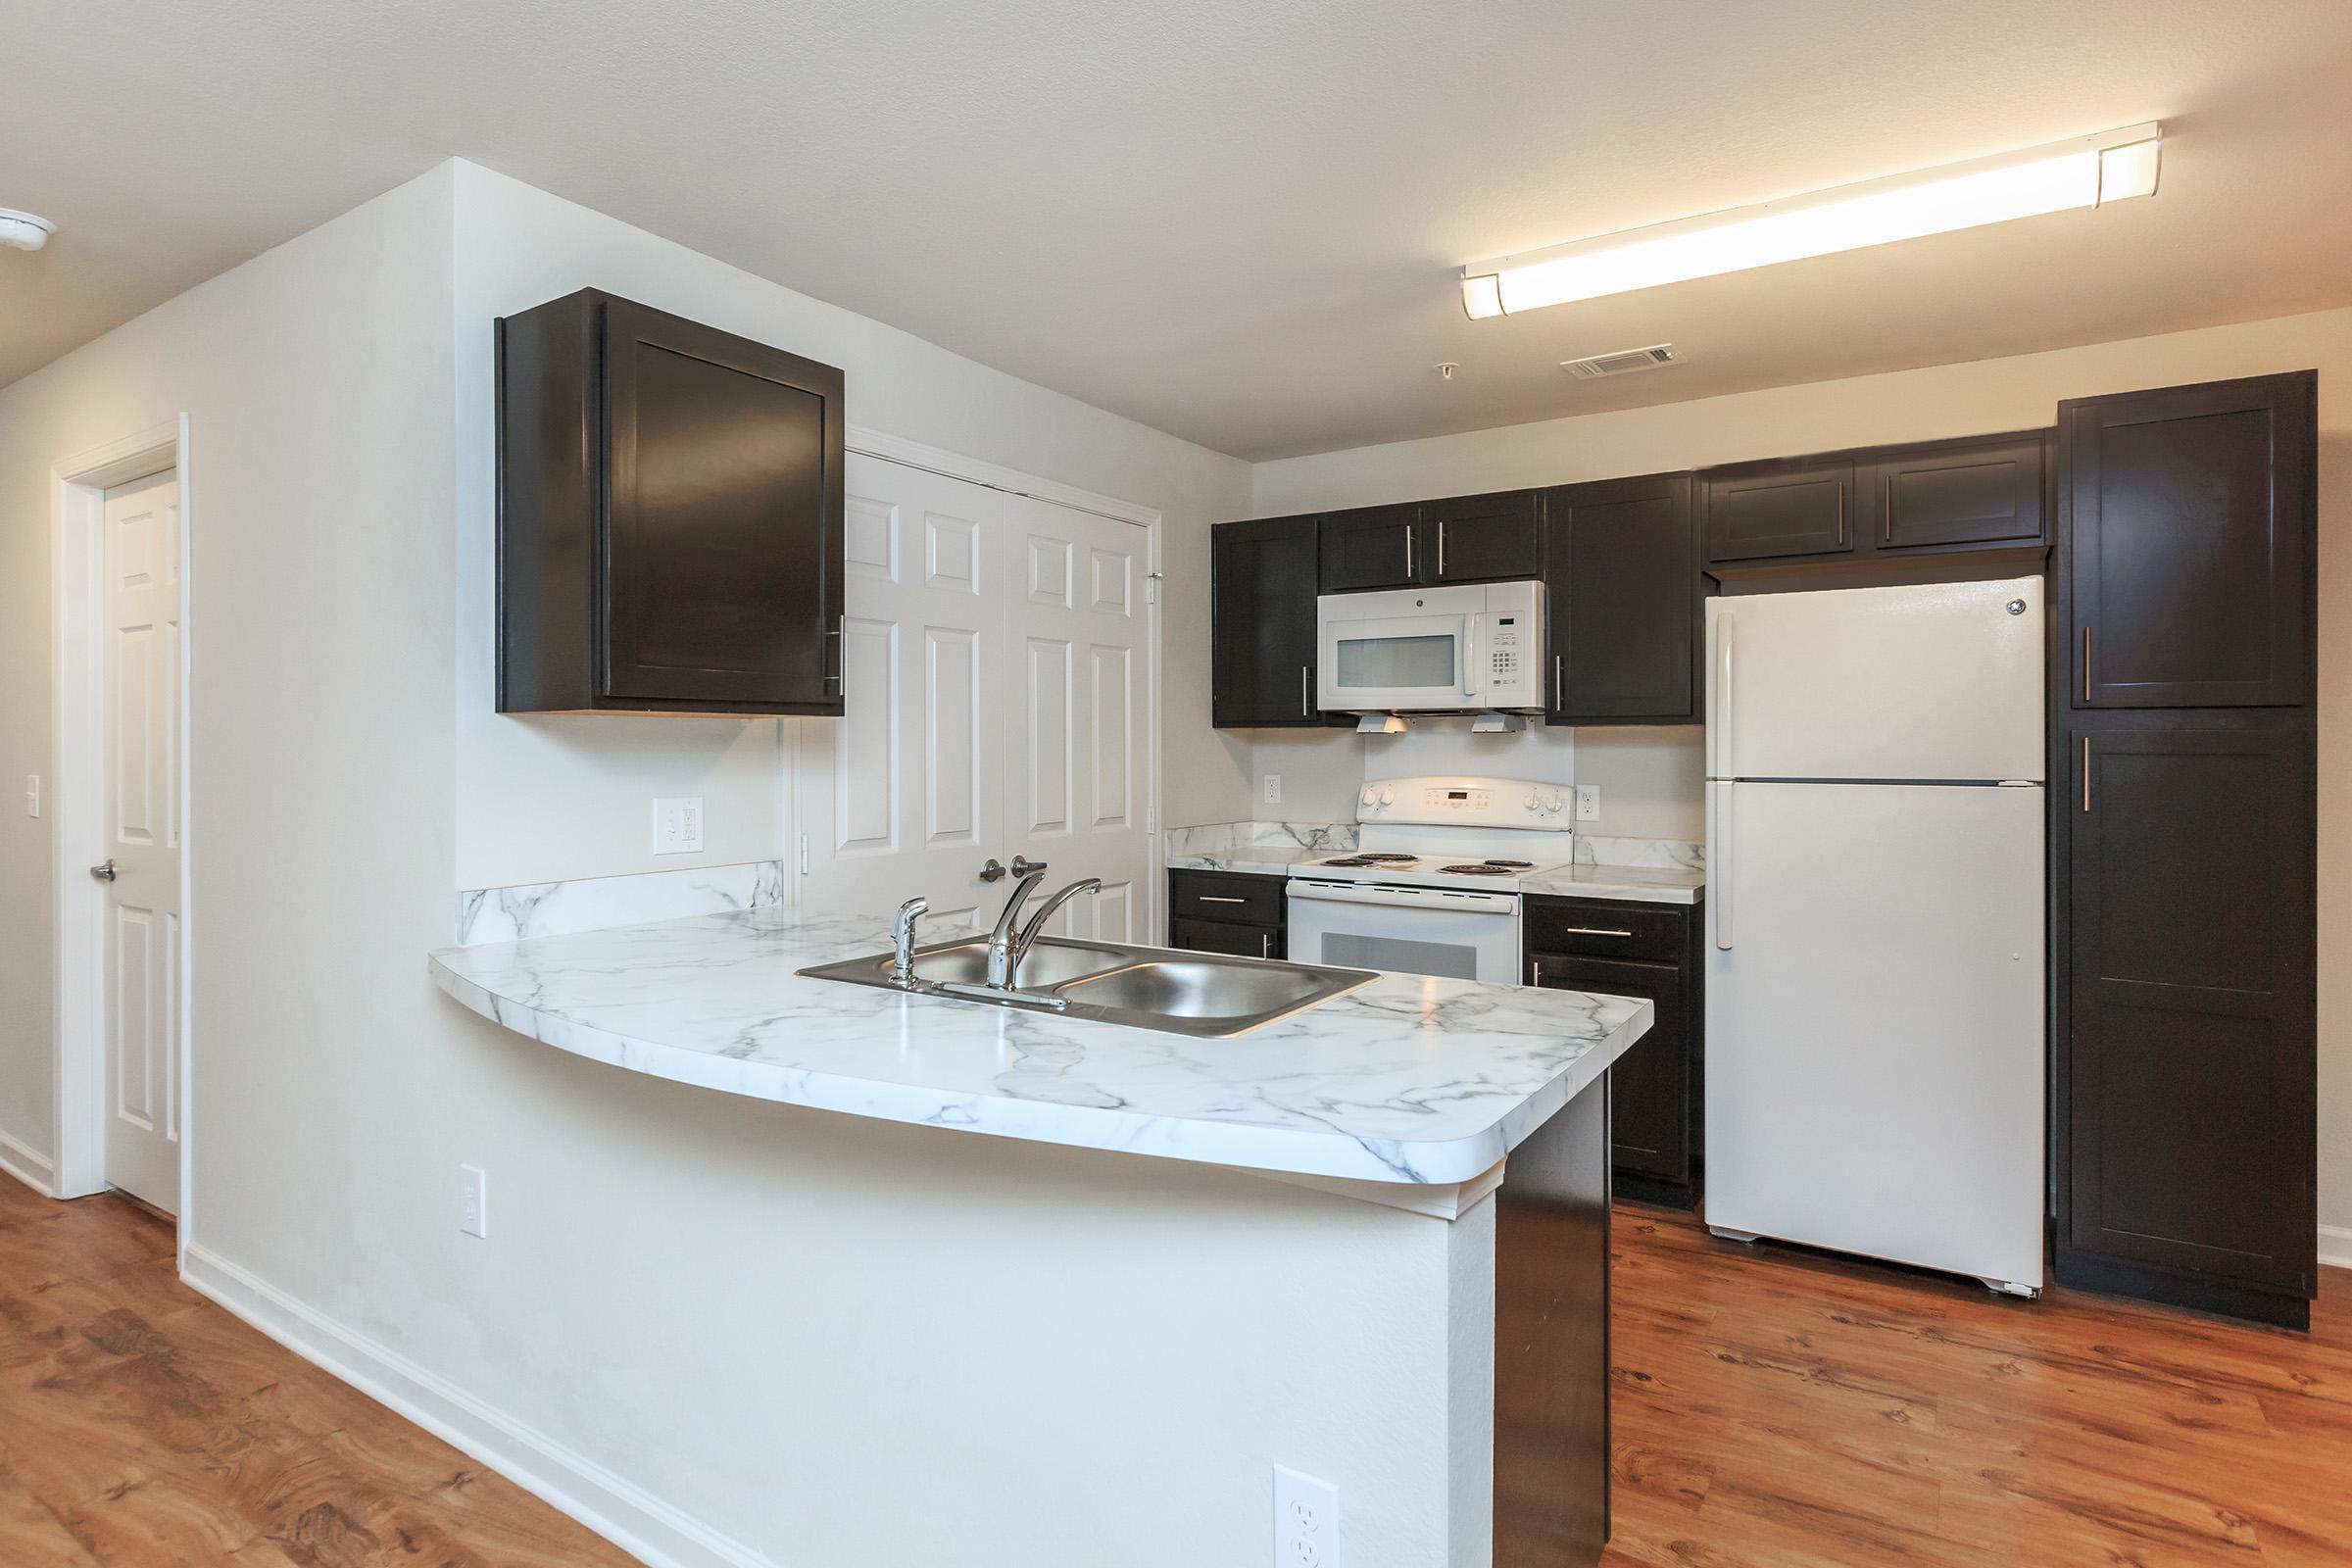 Apartments Near A&M-Texarkana Abbington Glen for Texas A & M University-Texarkana Students in Texarkana, TX